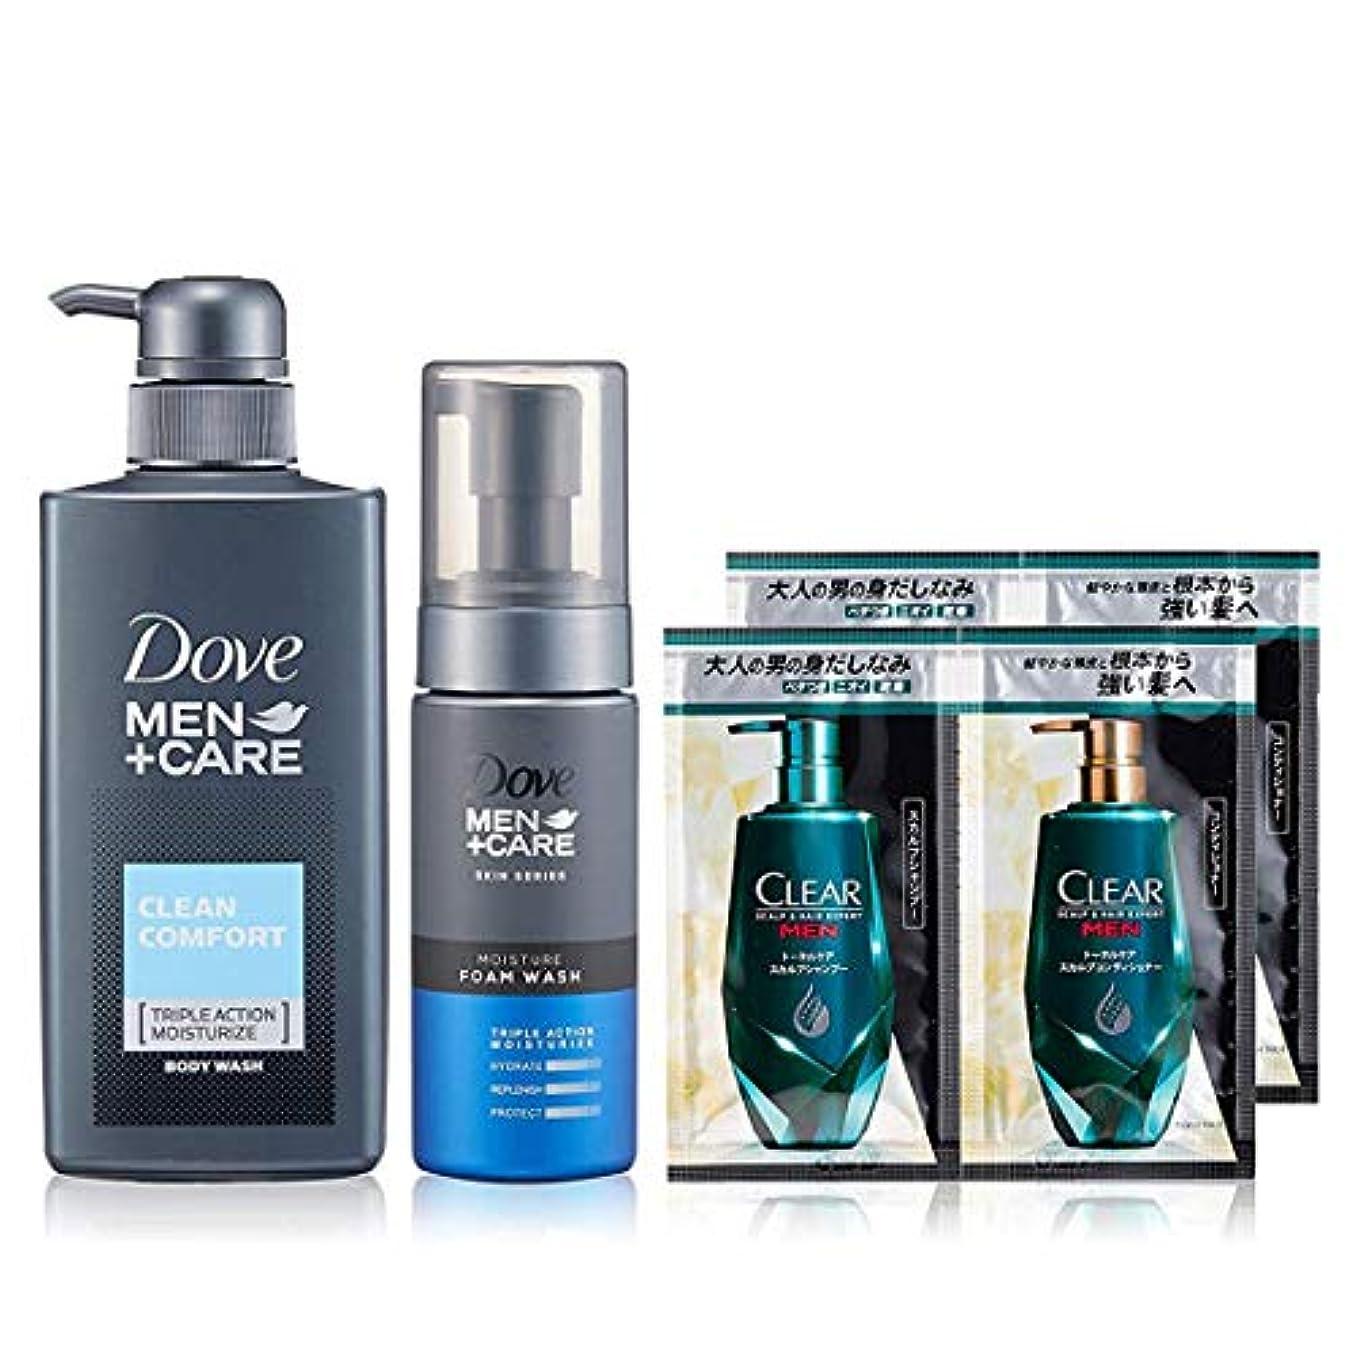 作る仕出しますこどもの日【Amazon.co.jp限定】 Dove(ダヴ) ダヴメンボディ + ダヴメン泡洗顔 +おまけ付 400g+140ml+おまけ